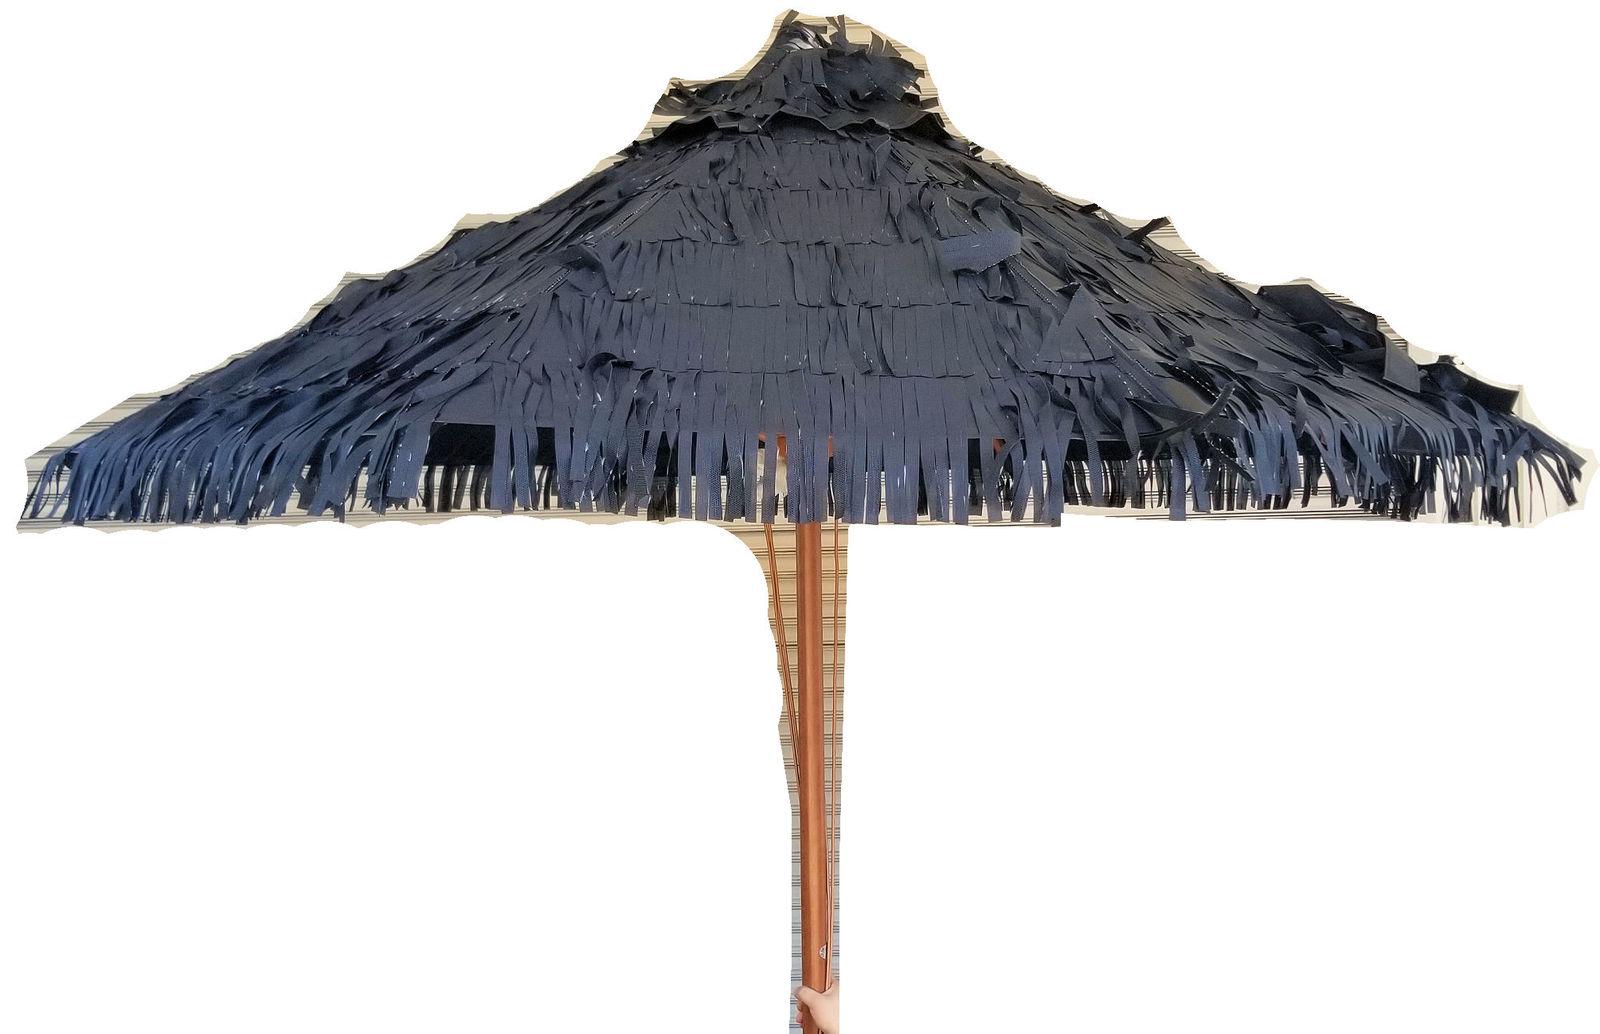 格安SALEスタート 海外のリゾート地でよく見かける藁風パラソルプールサイドに ビーチサイドに カフェテラスにも 柄の部分は直径5cmと強度も耐久性も抜群 専用の土台も別途販売 FT-09 ガーデンパラソル メイルオーダー 傘 家具 藁傘 ビーチパラソル おしゃれ ガーデンファニチャー